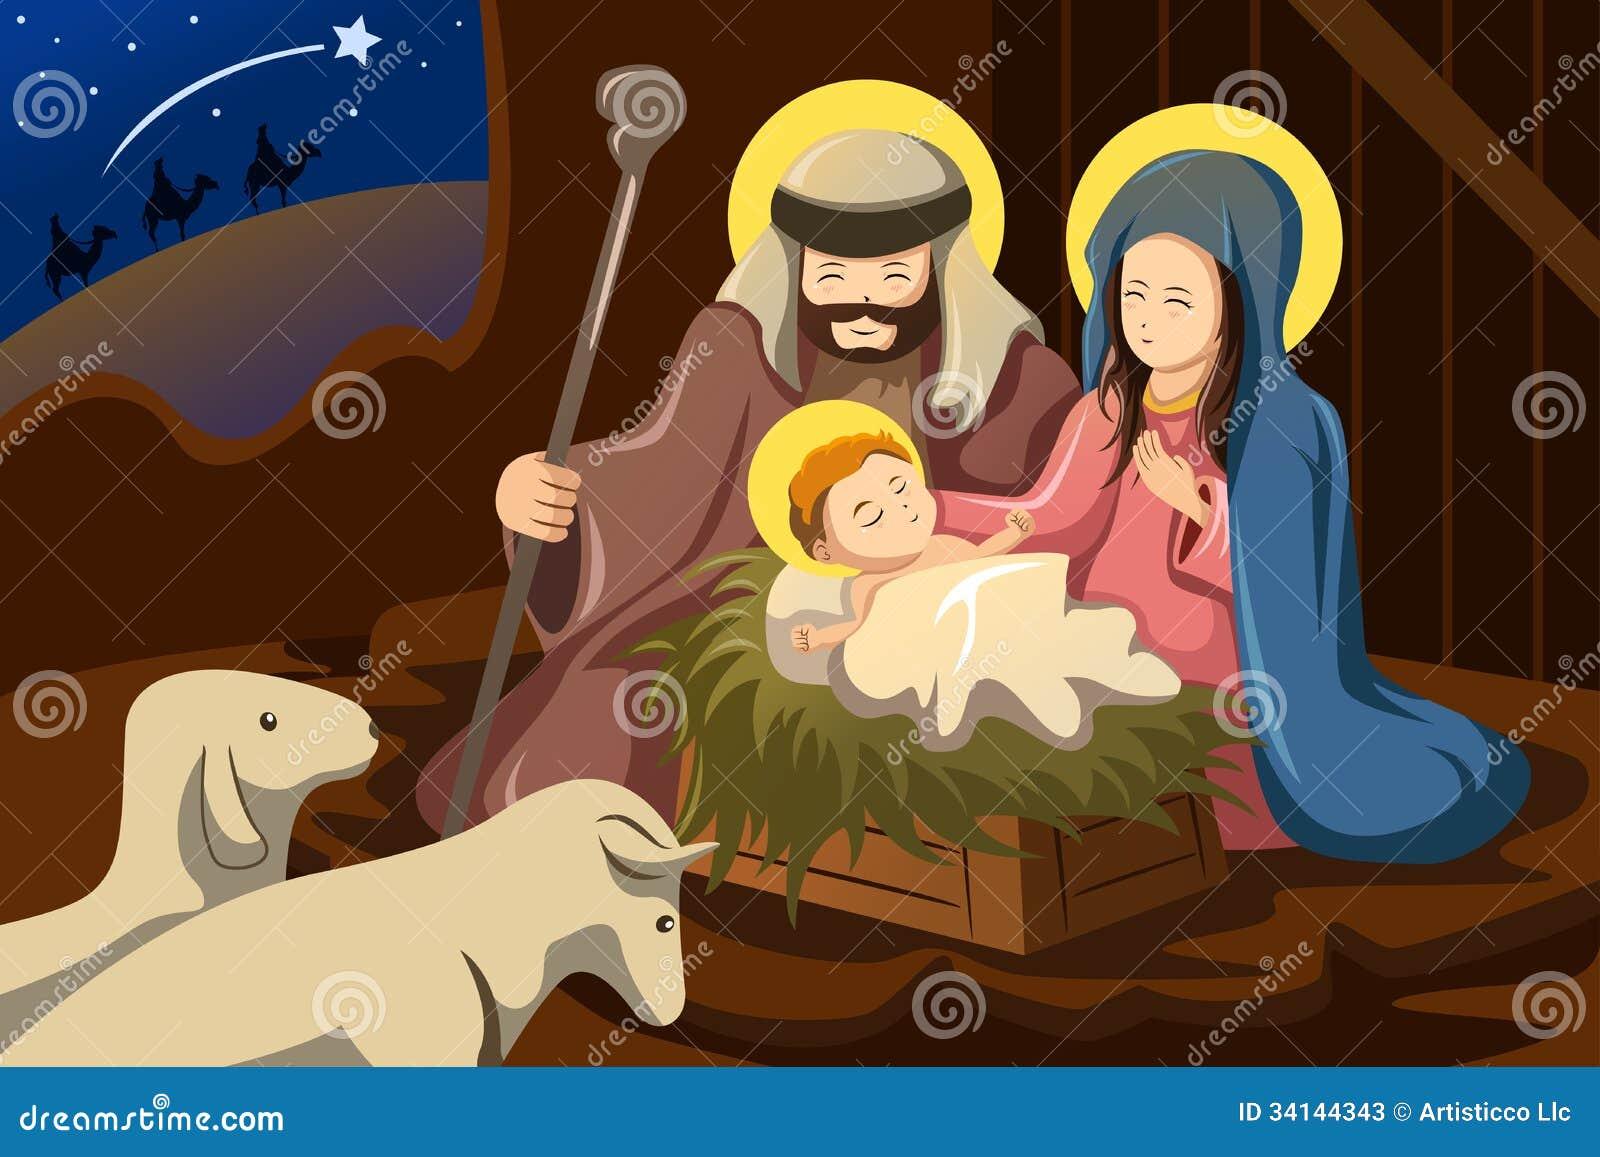 joseph mary and baby jesus stock photos image 34144343